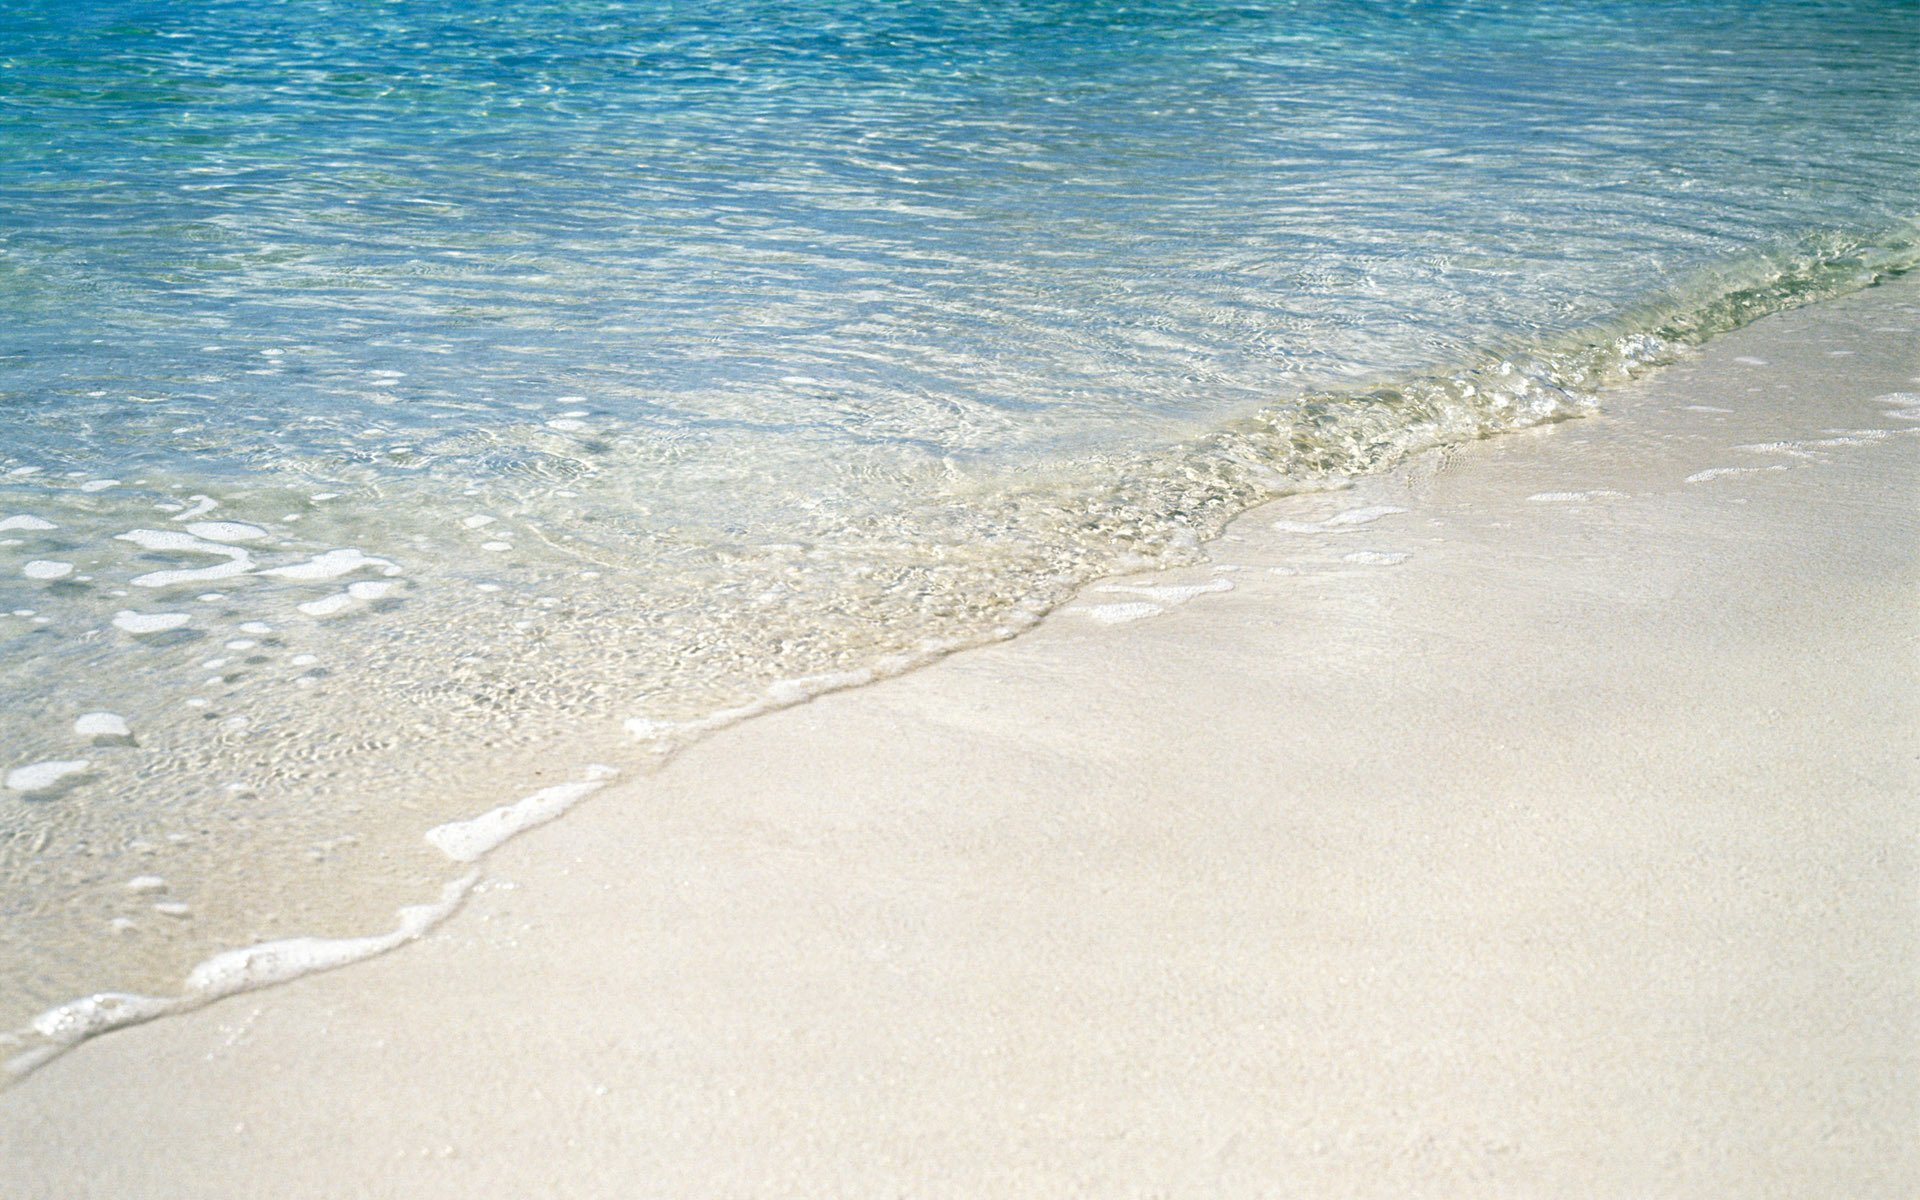 берег песок shore sand загрузить